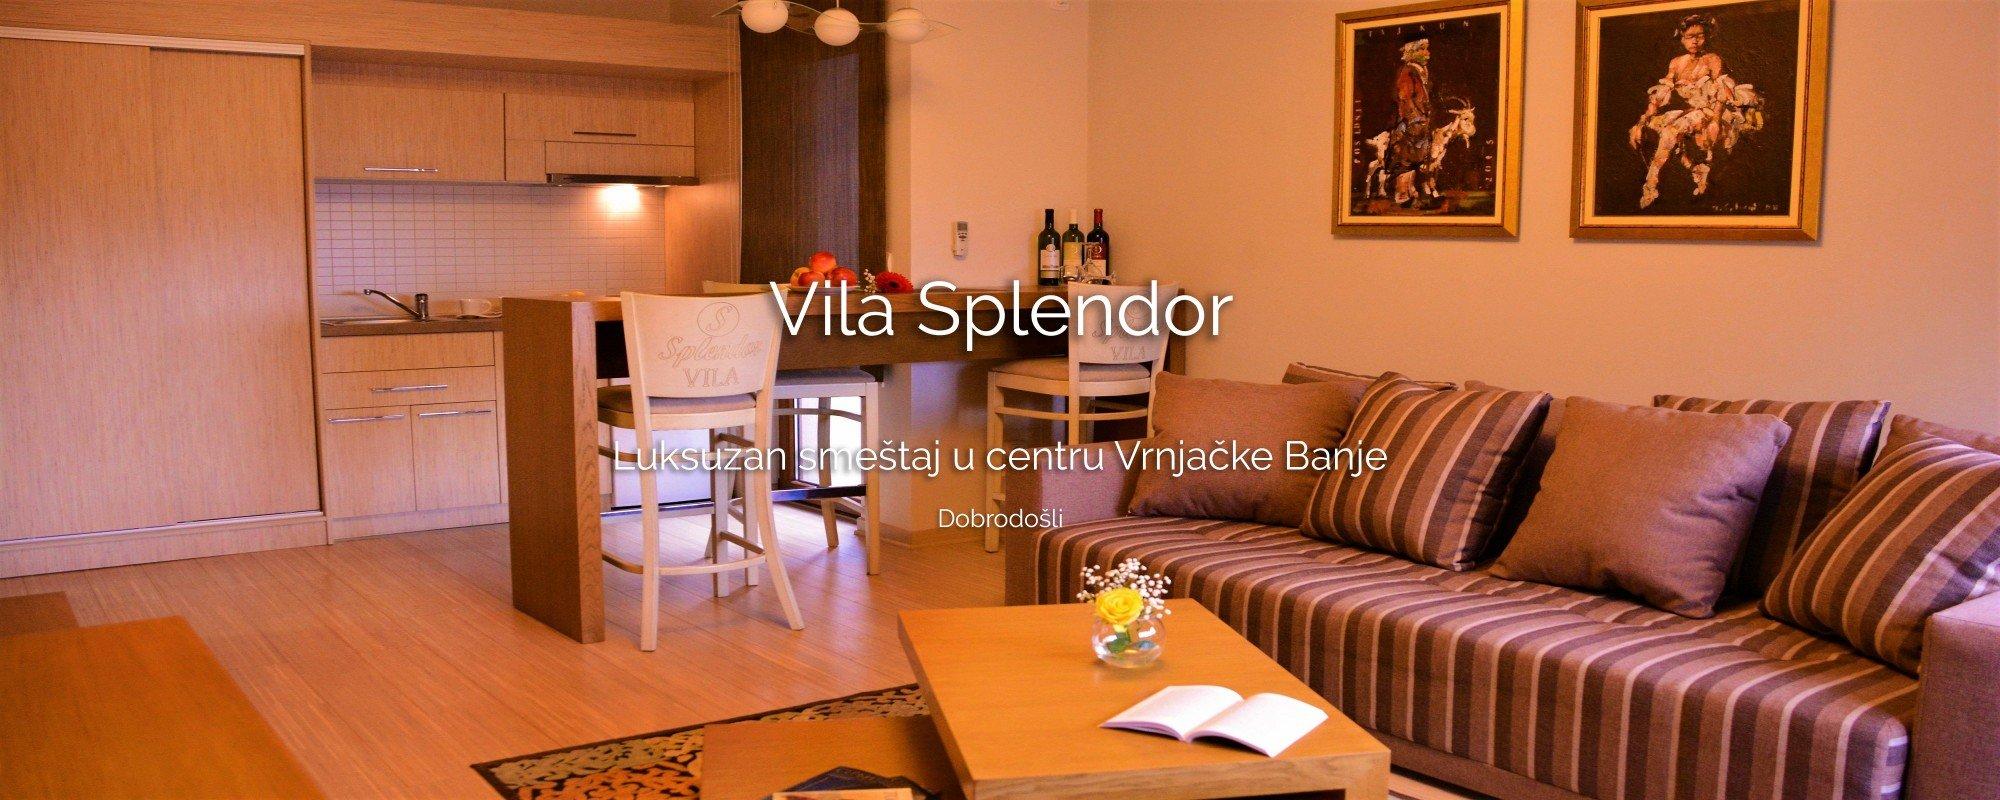 vilasplendor_slider3